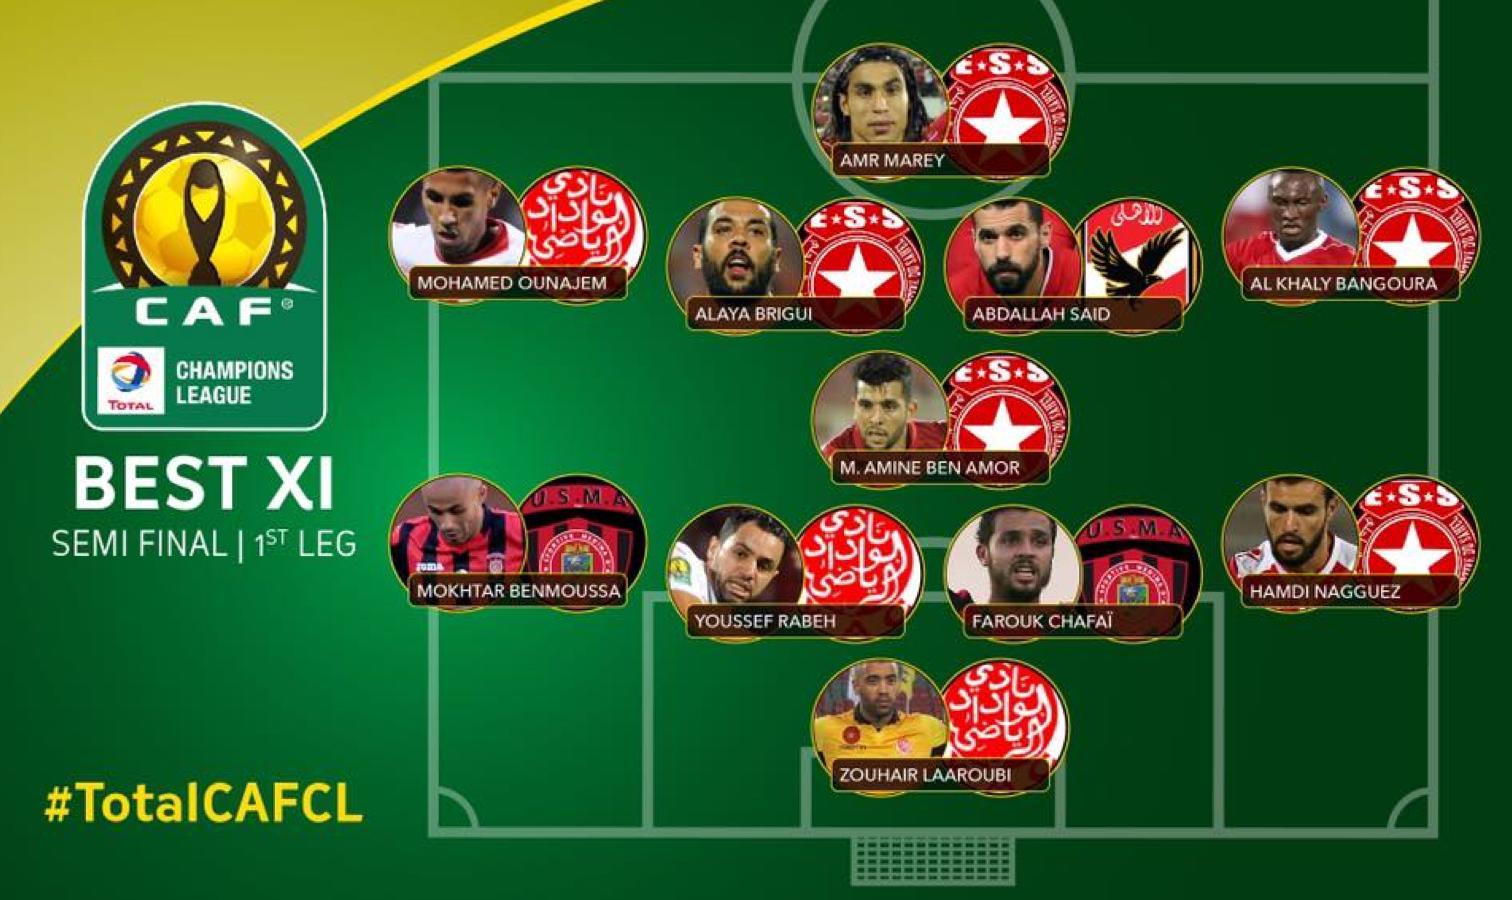 chafai benmoussa team 1:2 aller caf